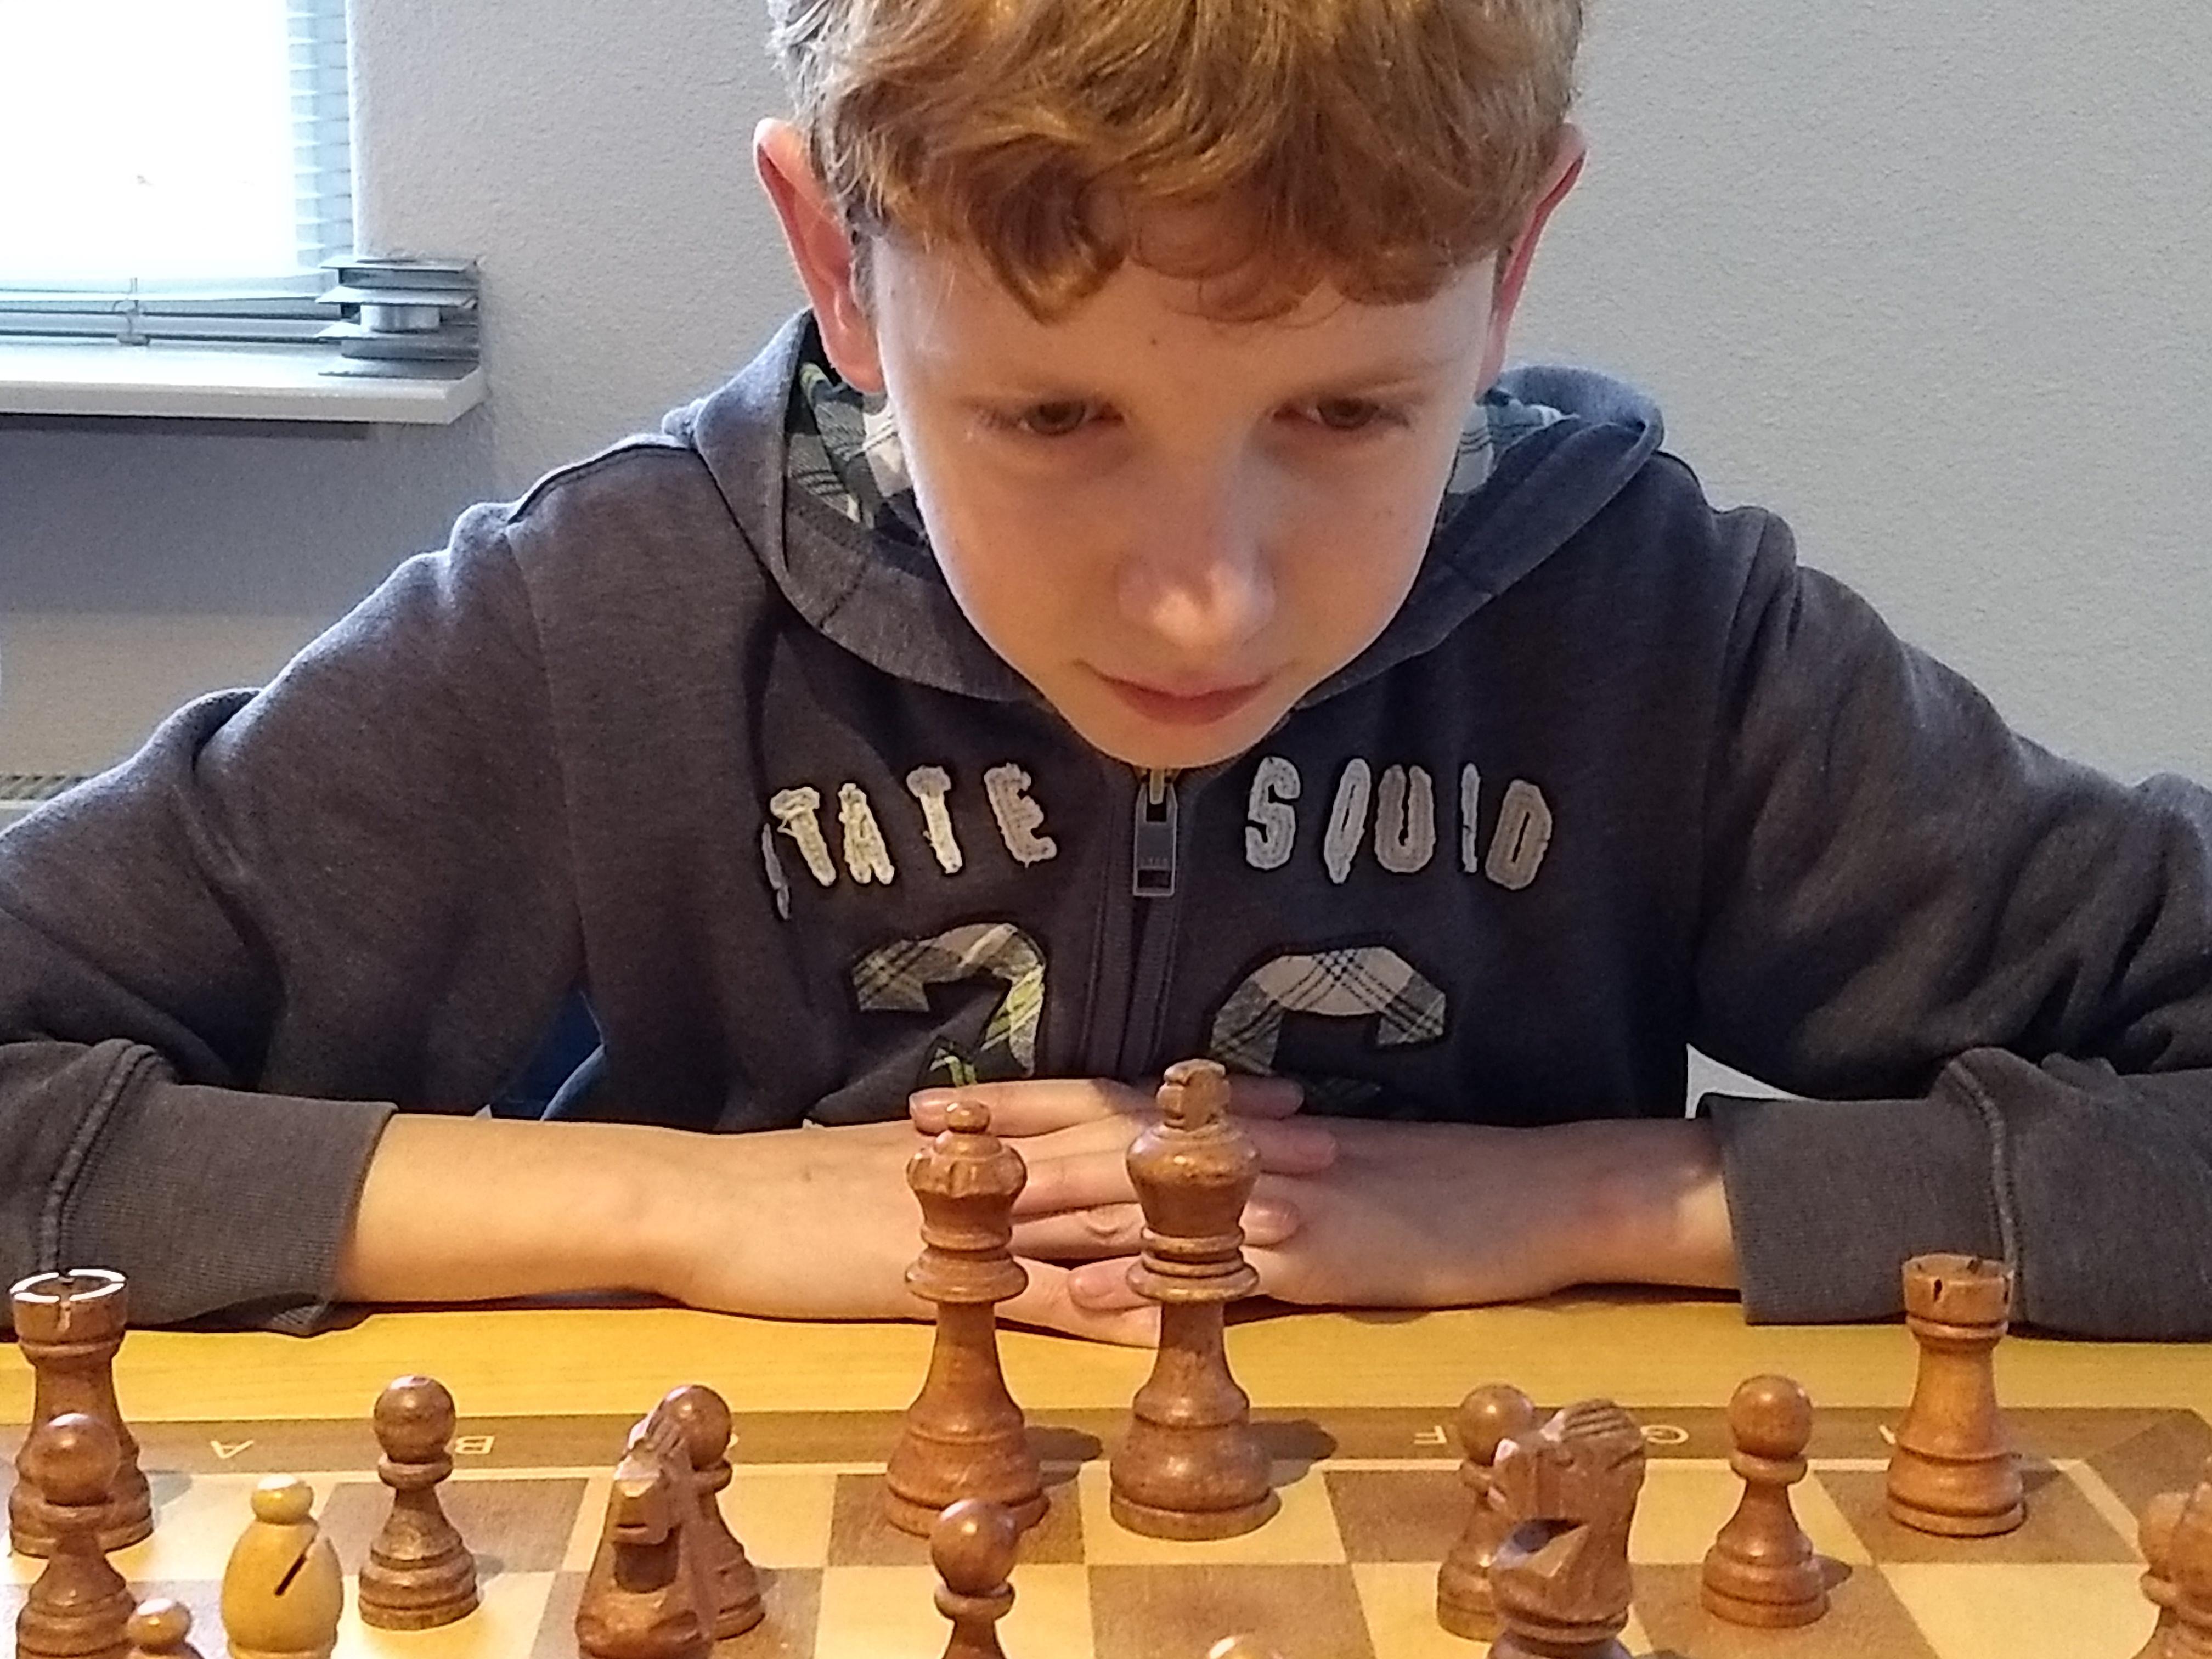 Dertienjarige schaker is kritisch op zichzelf